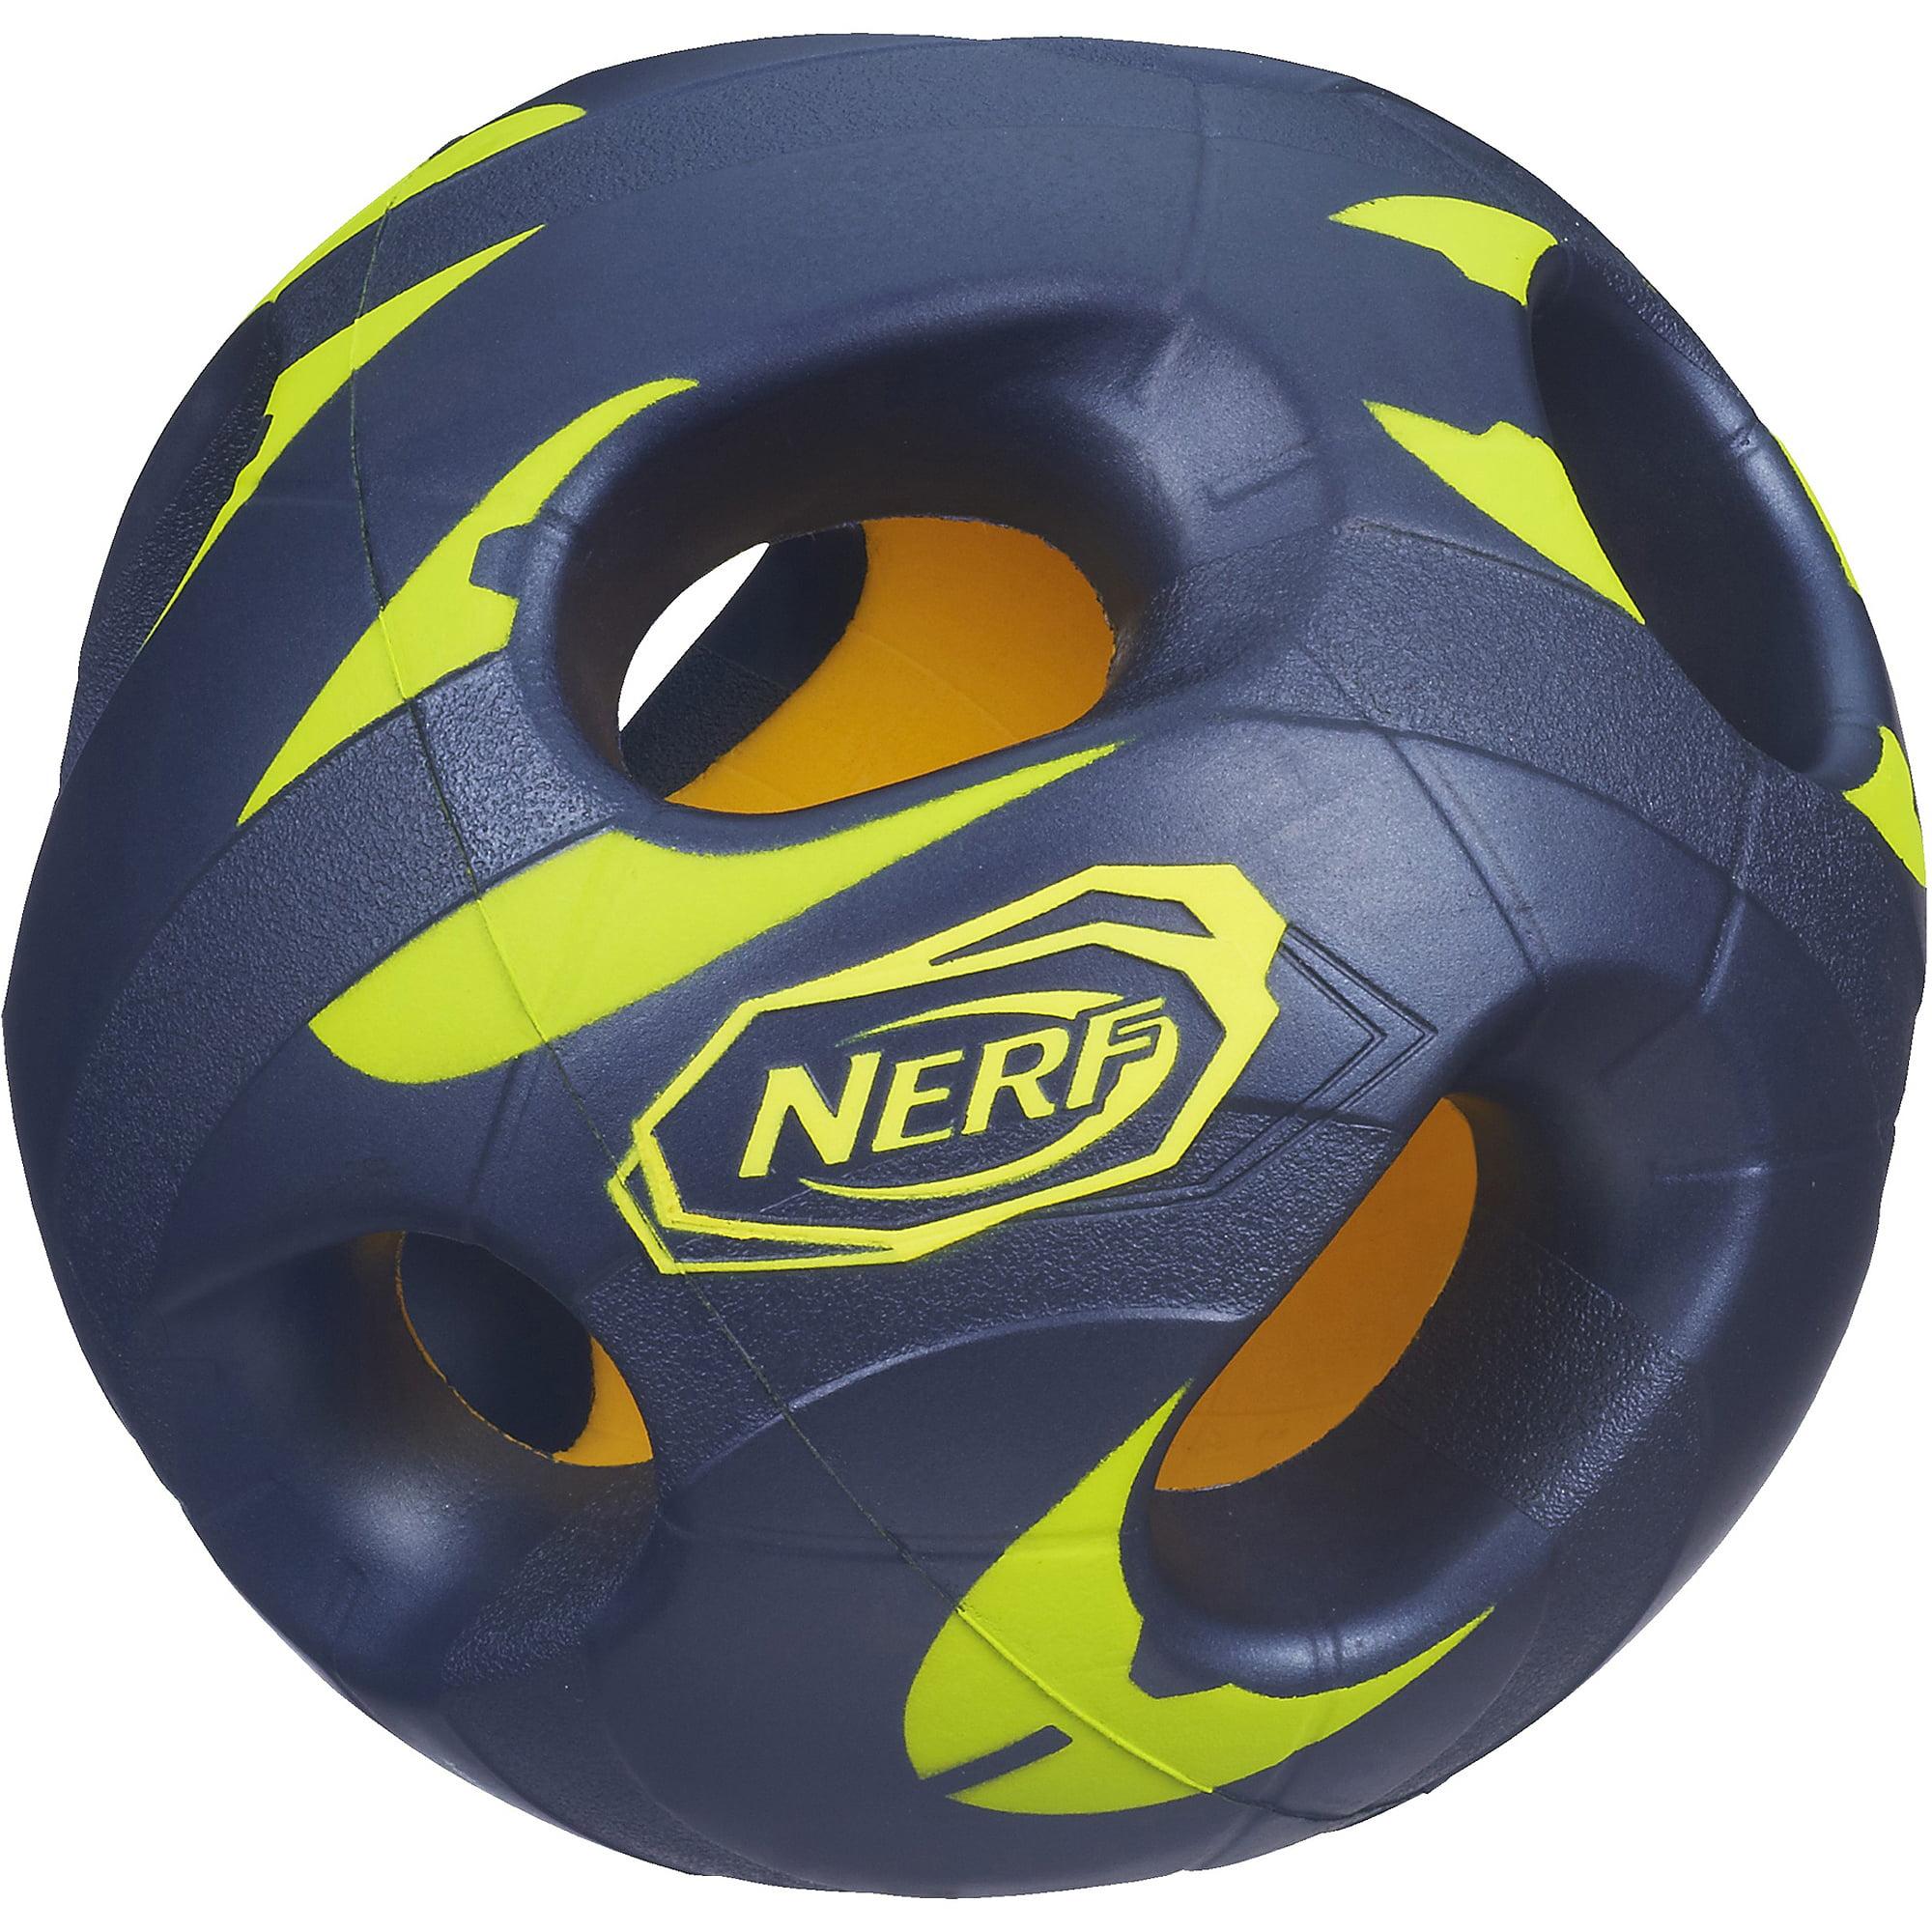 Nerf Sports Bash Ball, Navy